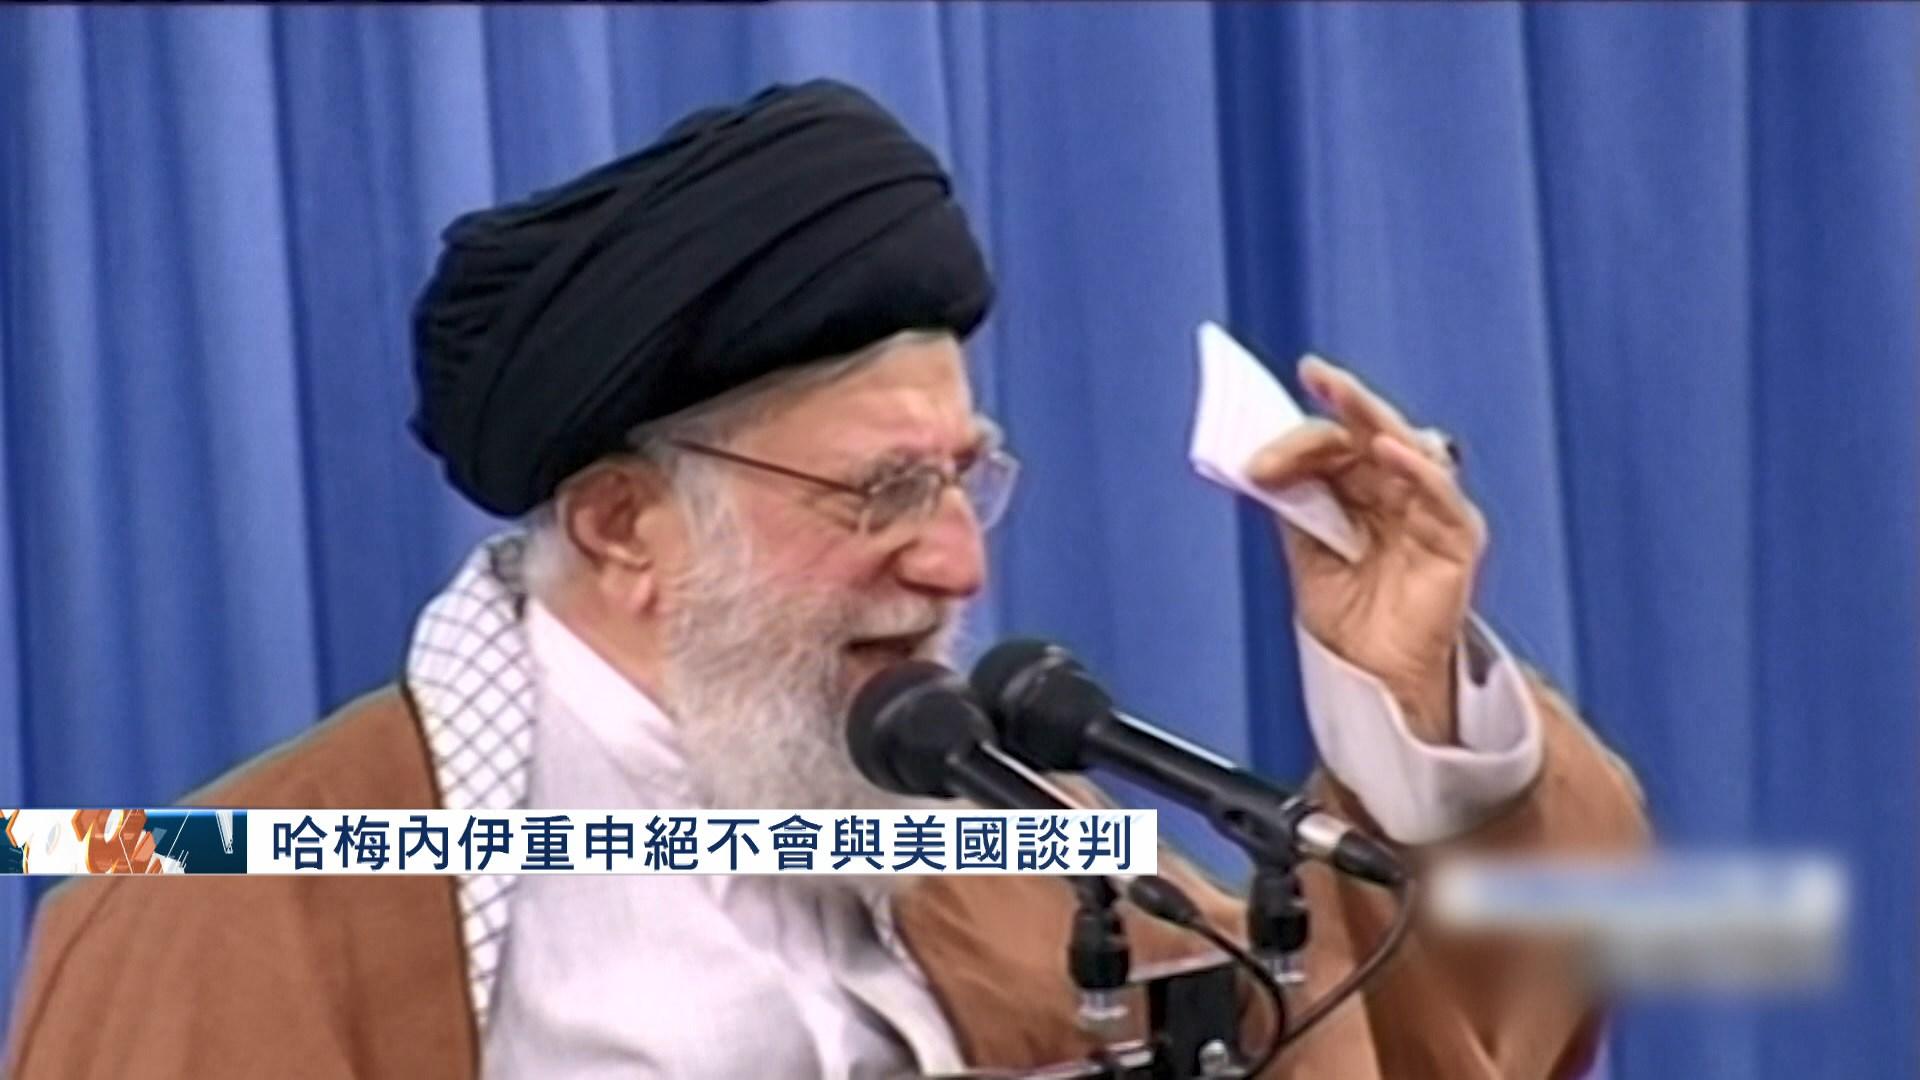 哈梅內伊重申絕不會與美國談判